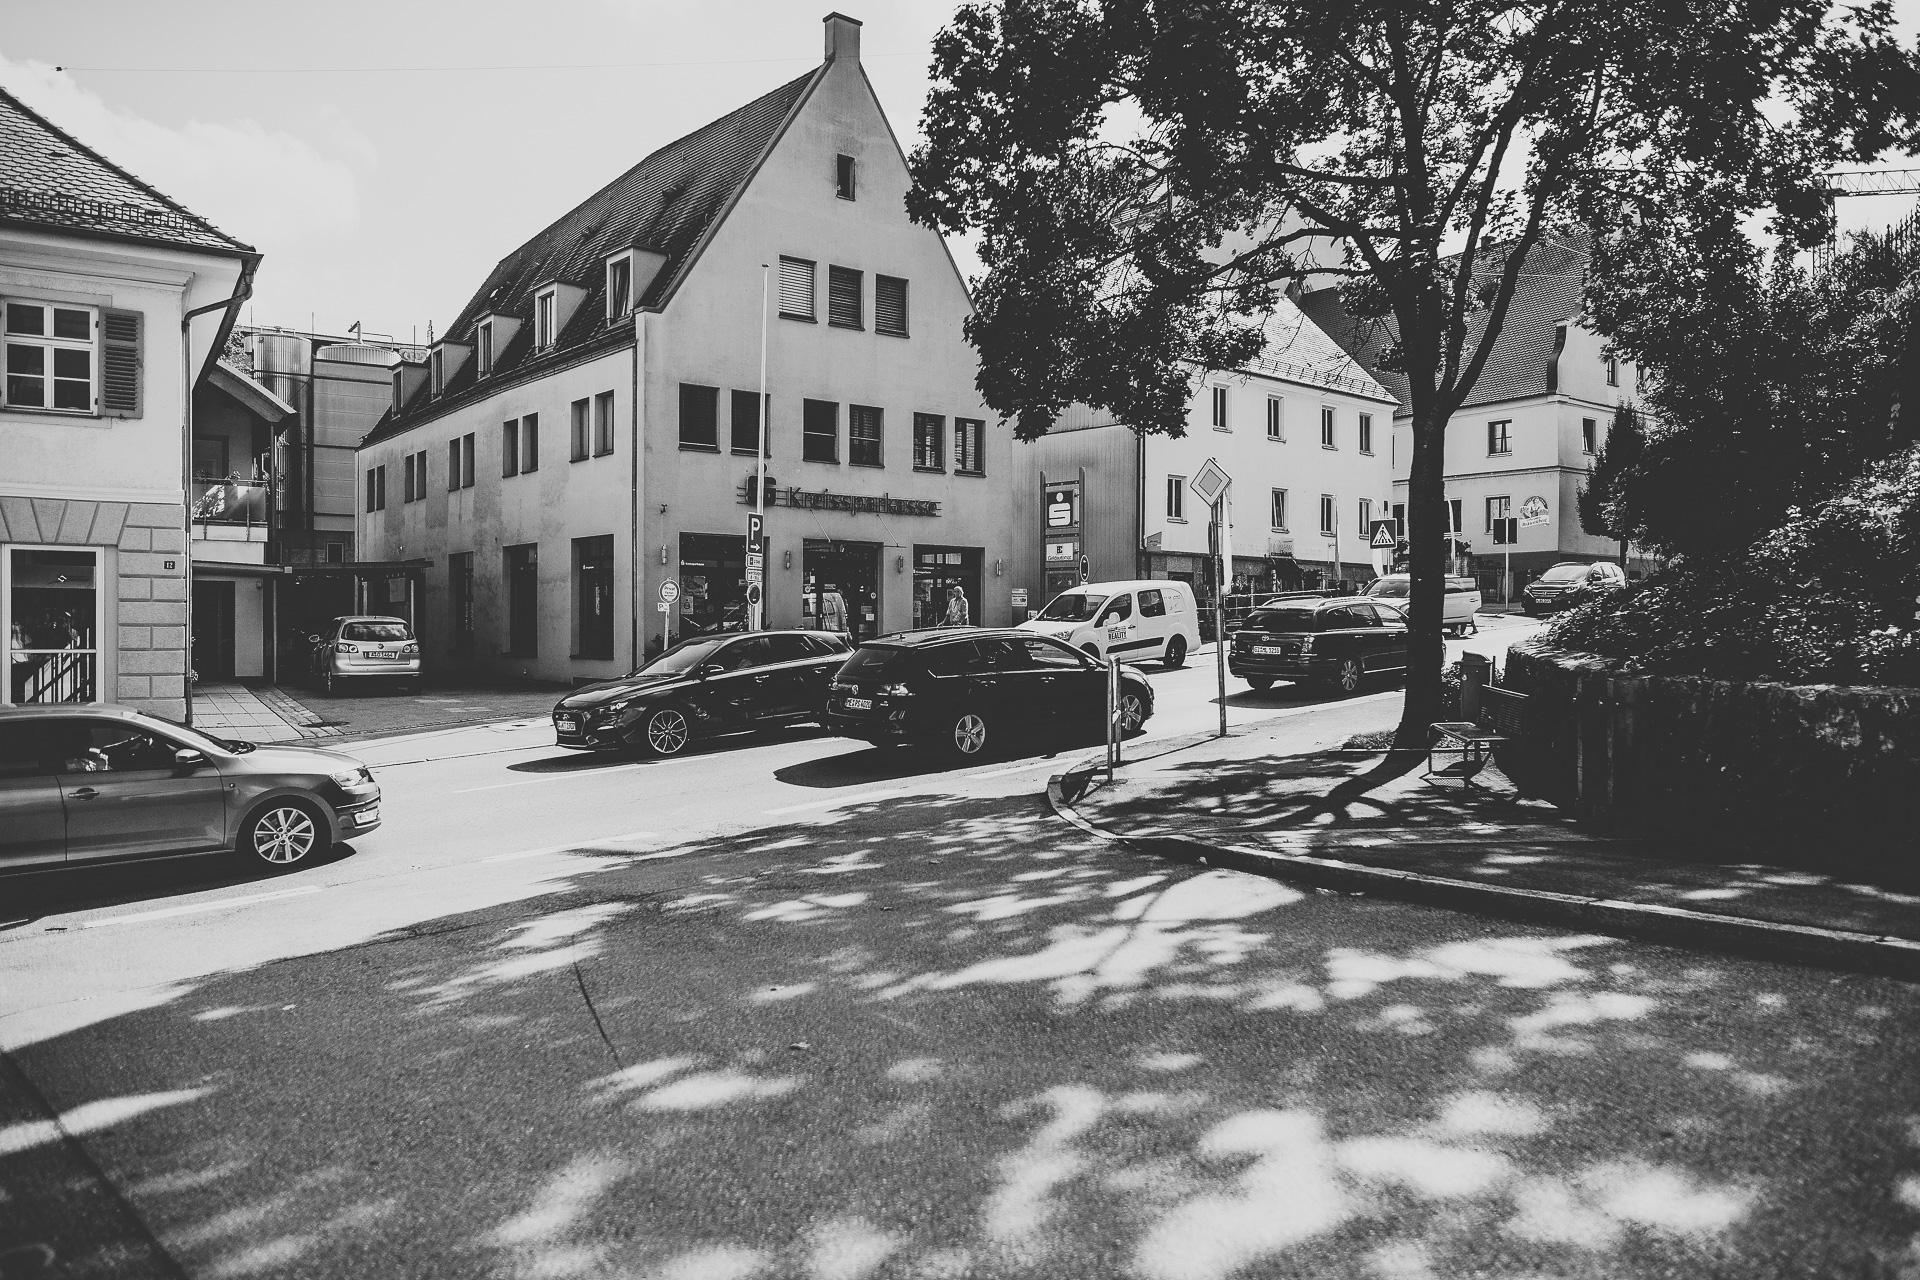 Alexander Utz, Fotografie, Hochzeit, Augsburg, Brautkleid, Brautstrauss-35